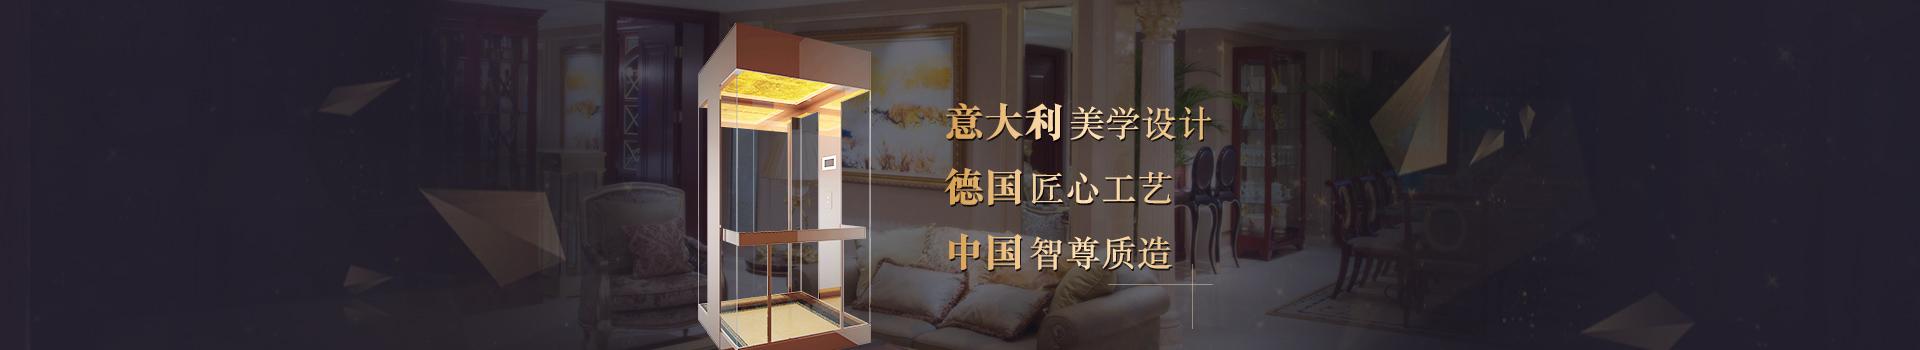 意大利美学设计,德国匠心工艺,中国智尊质造